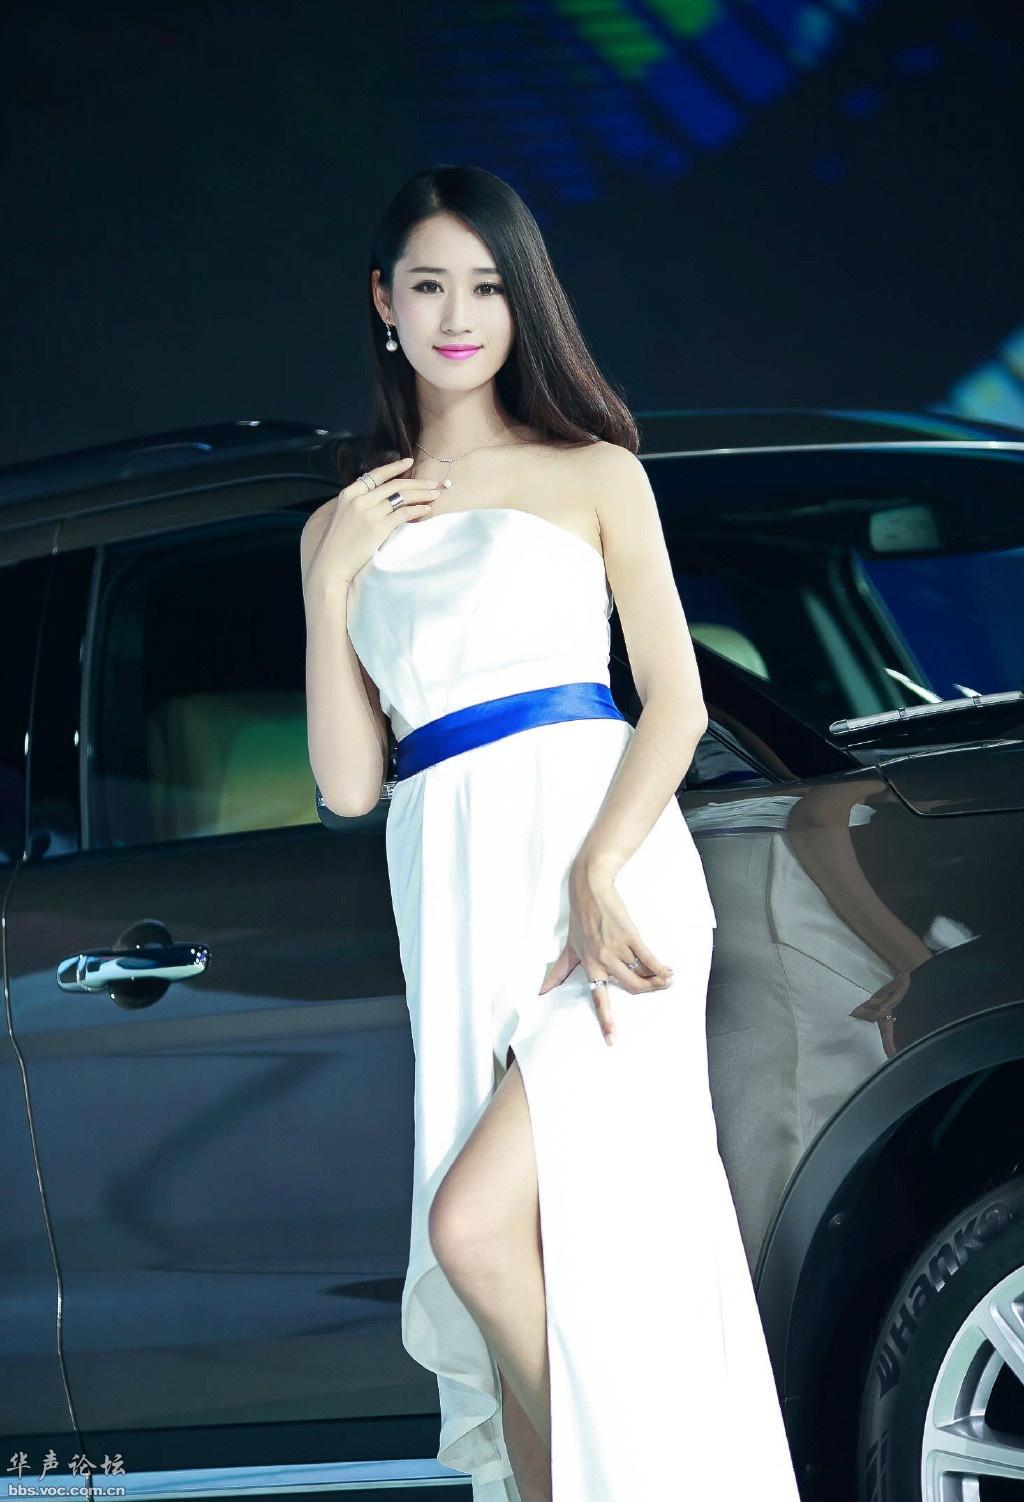 日本车模被打_韩国长腿美女车模 - 美女贴图 - 华声论坛